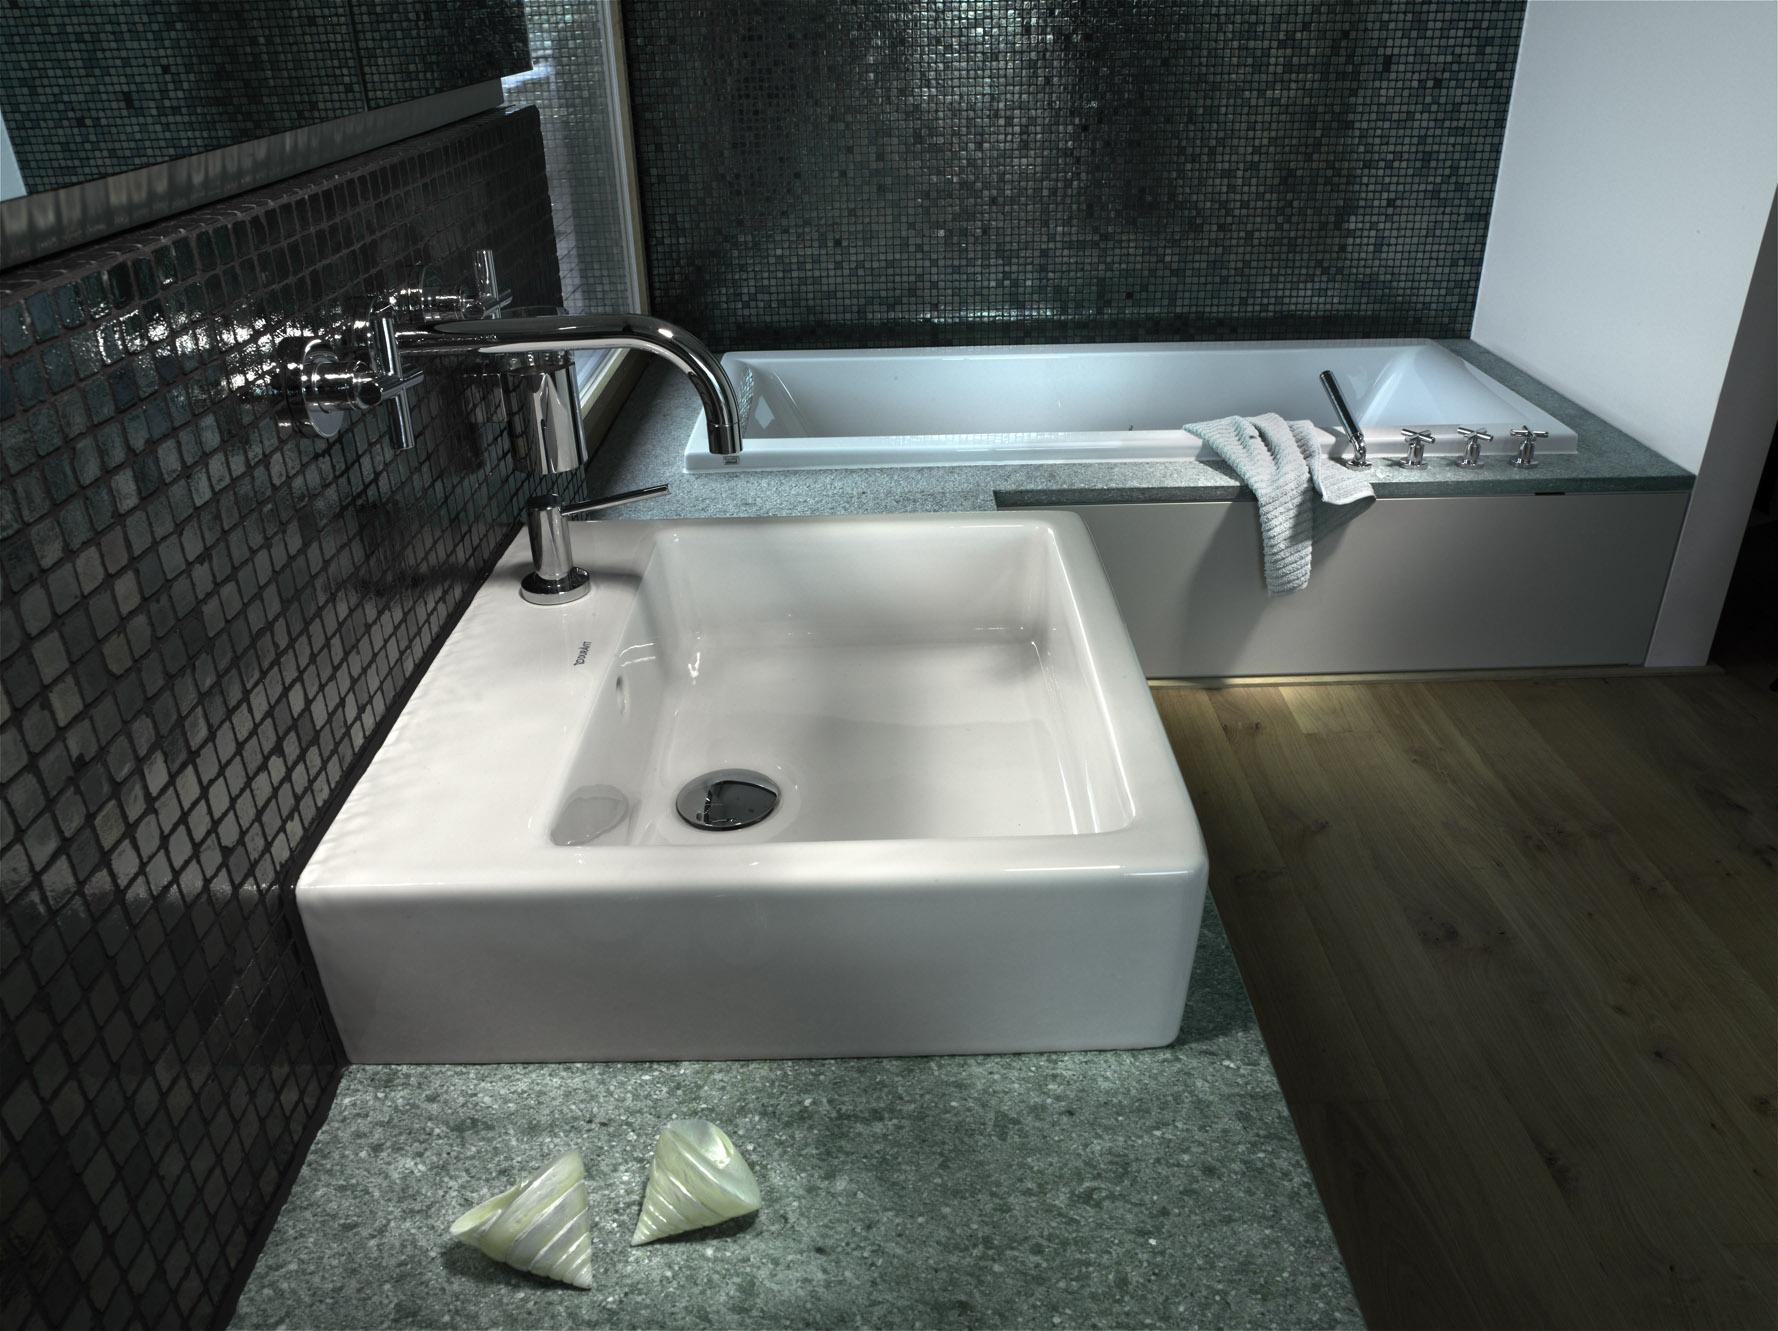 Die Abdeckung der Badewanne ist im selben Stein gestaltet wie die Waschtischabdeckung.